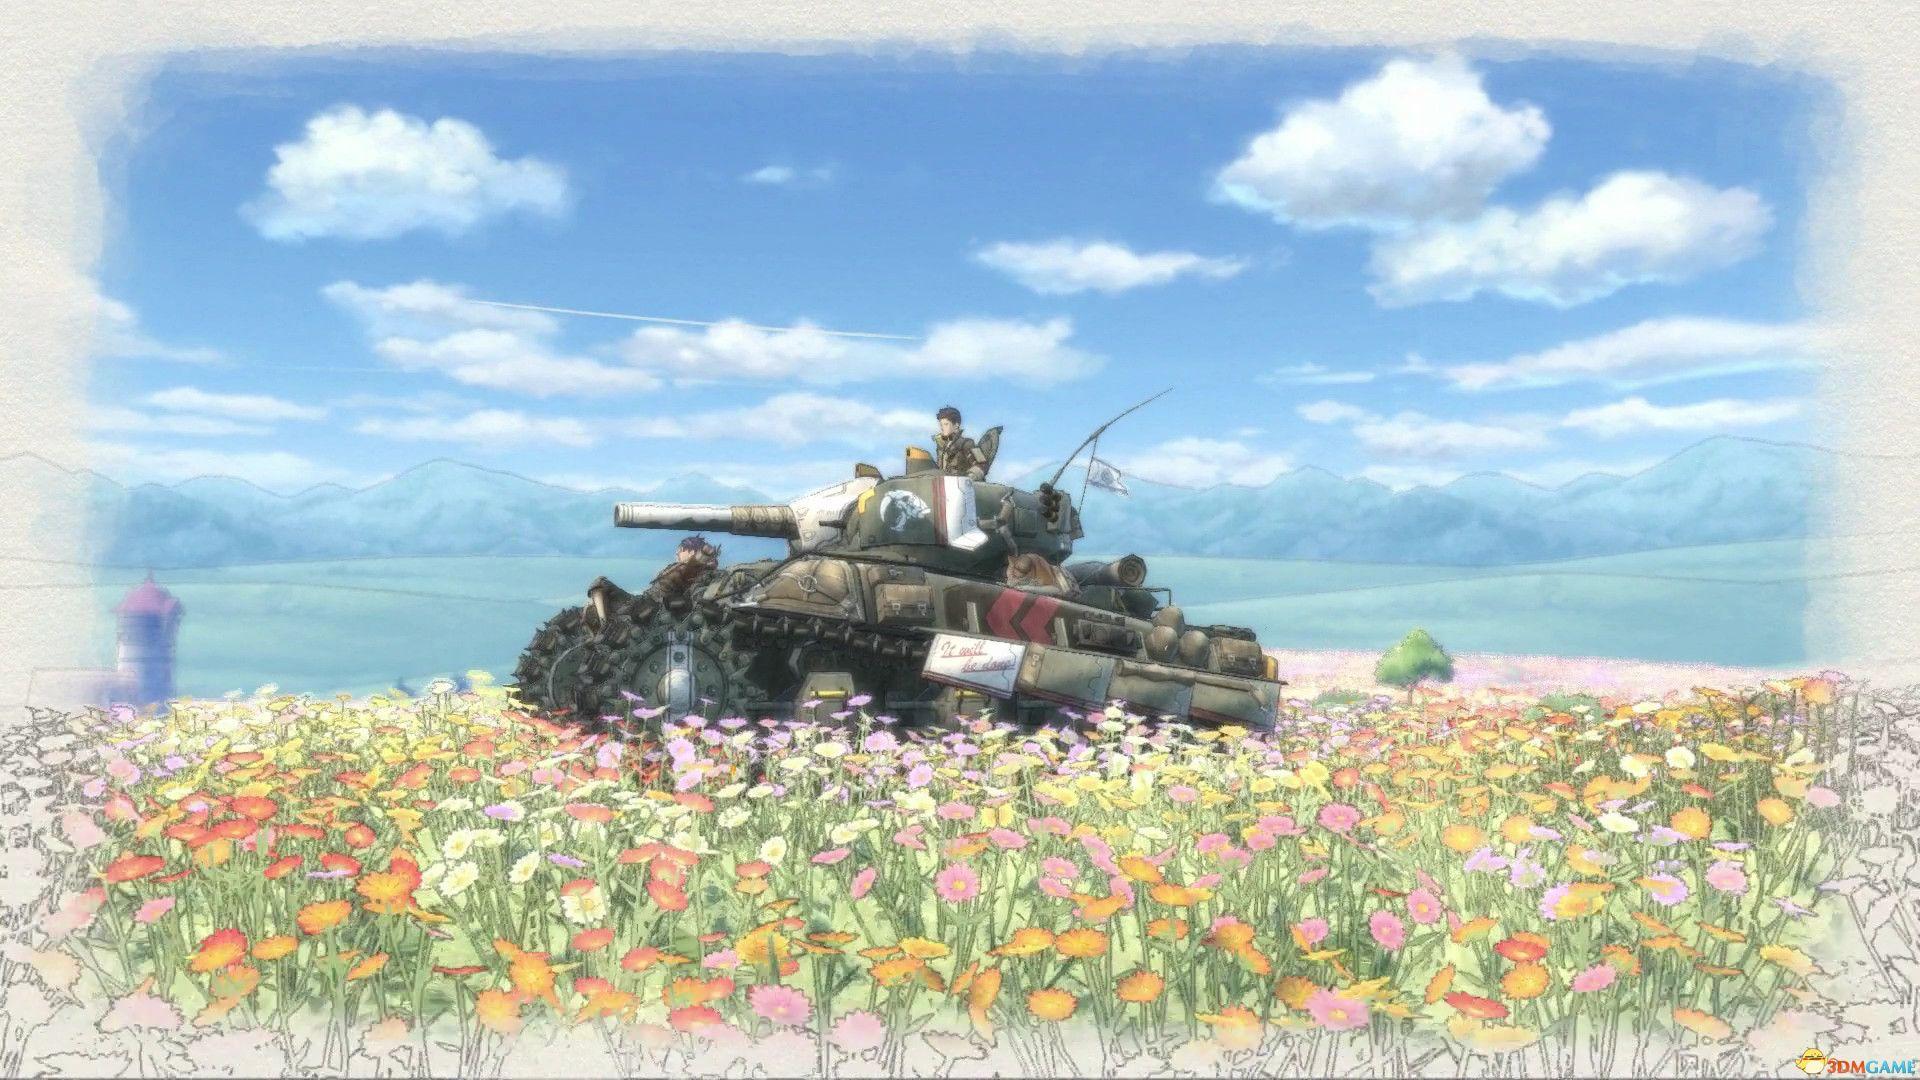 《战场女武神4》官方中文Steam正版分流 快来下载!